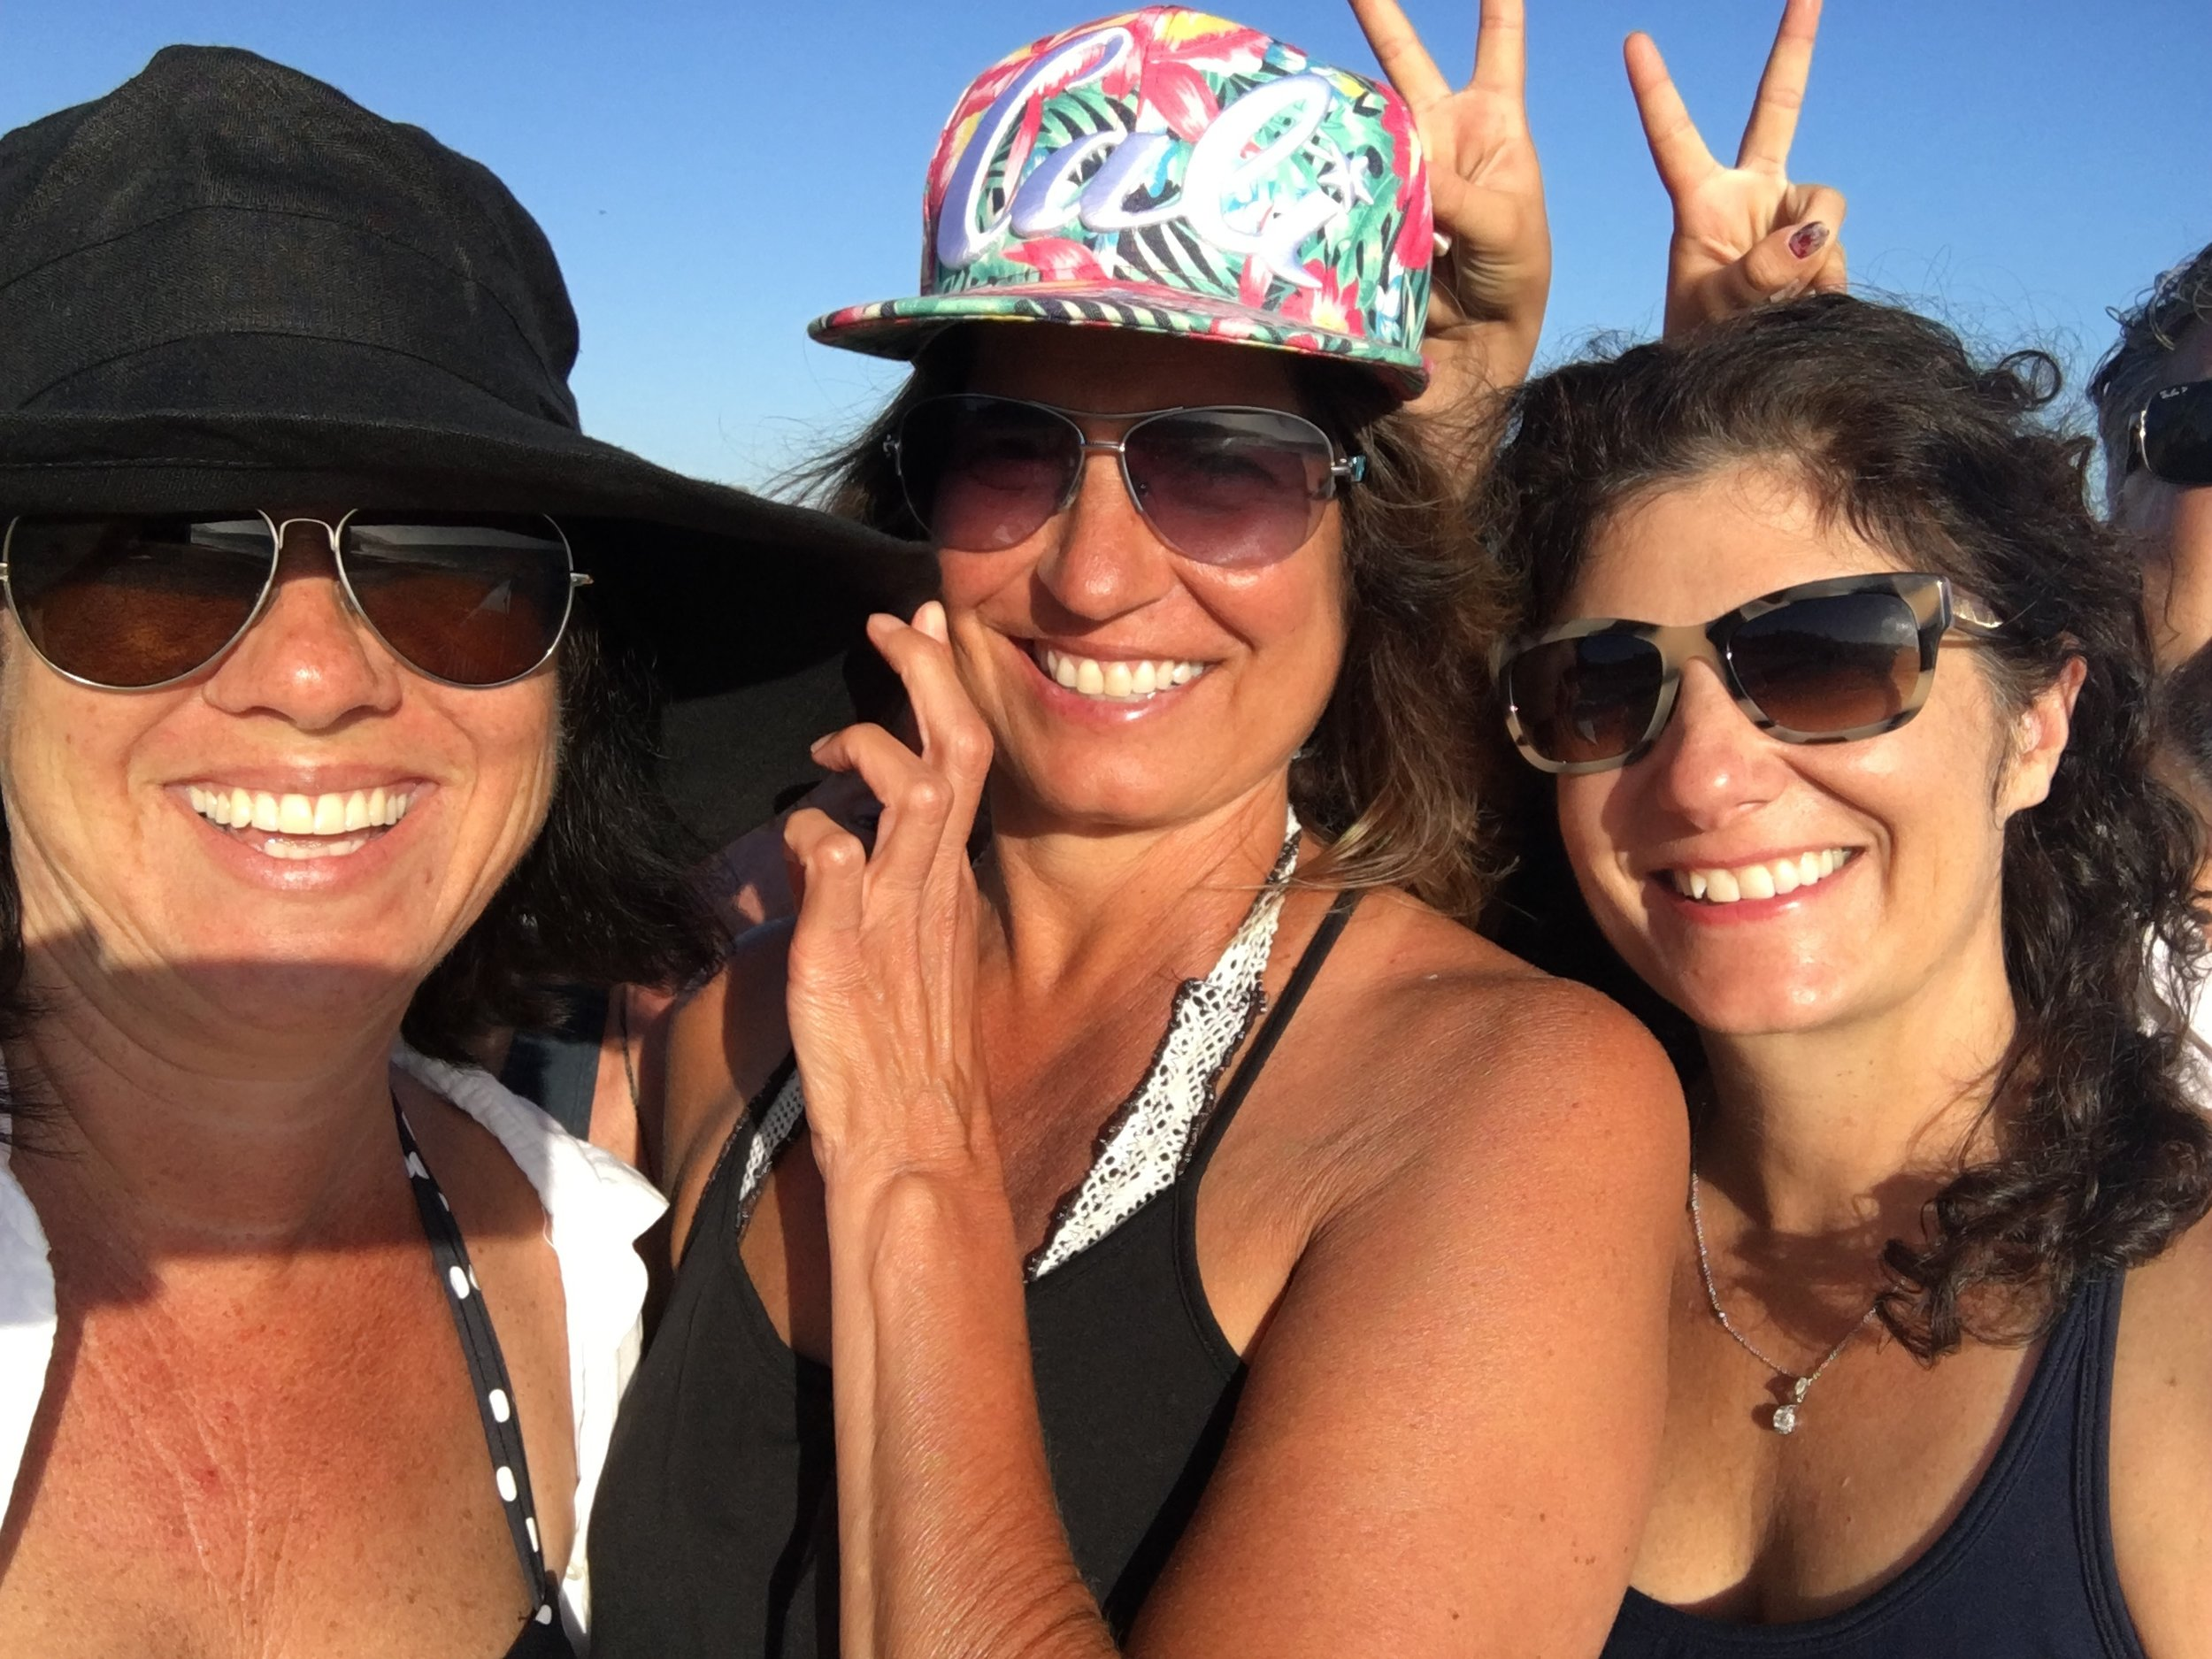 July 2016 :: Me + Kacy + Stephanie in Malibu, CA